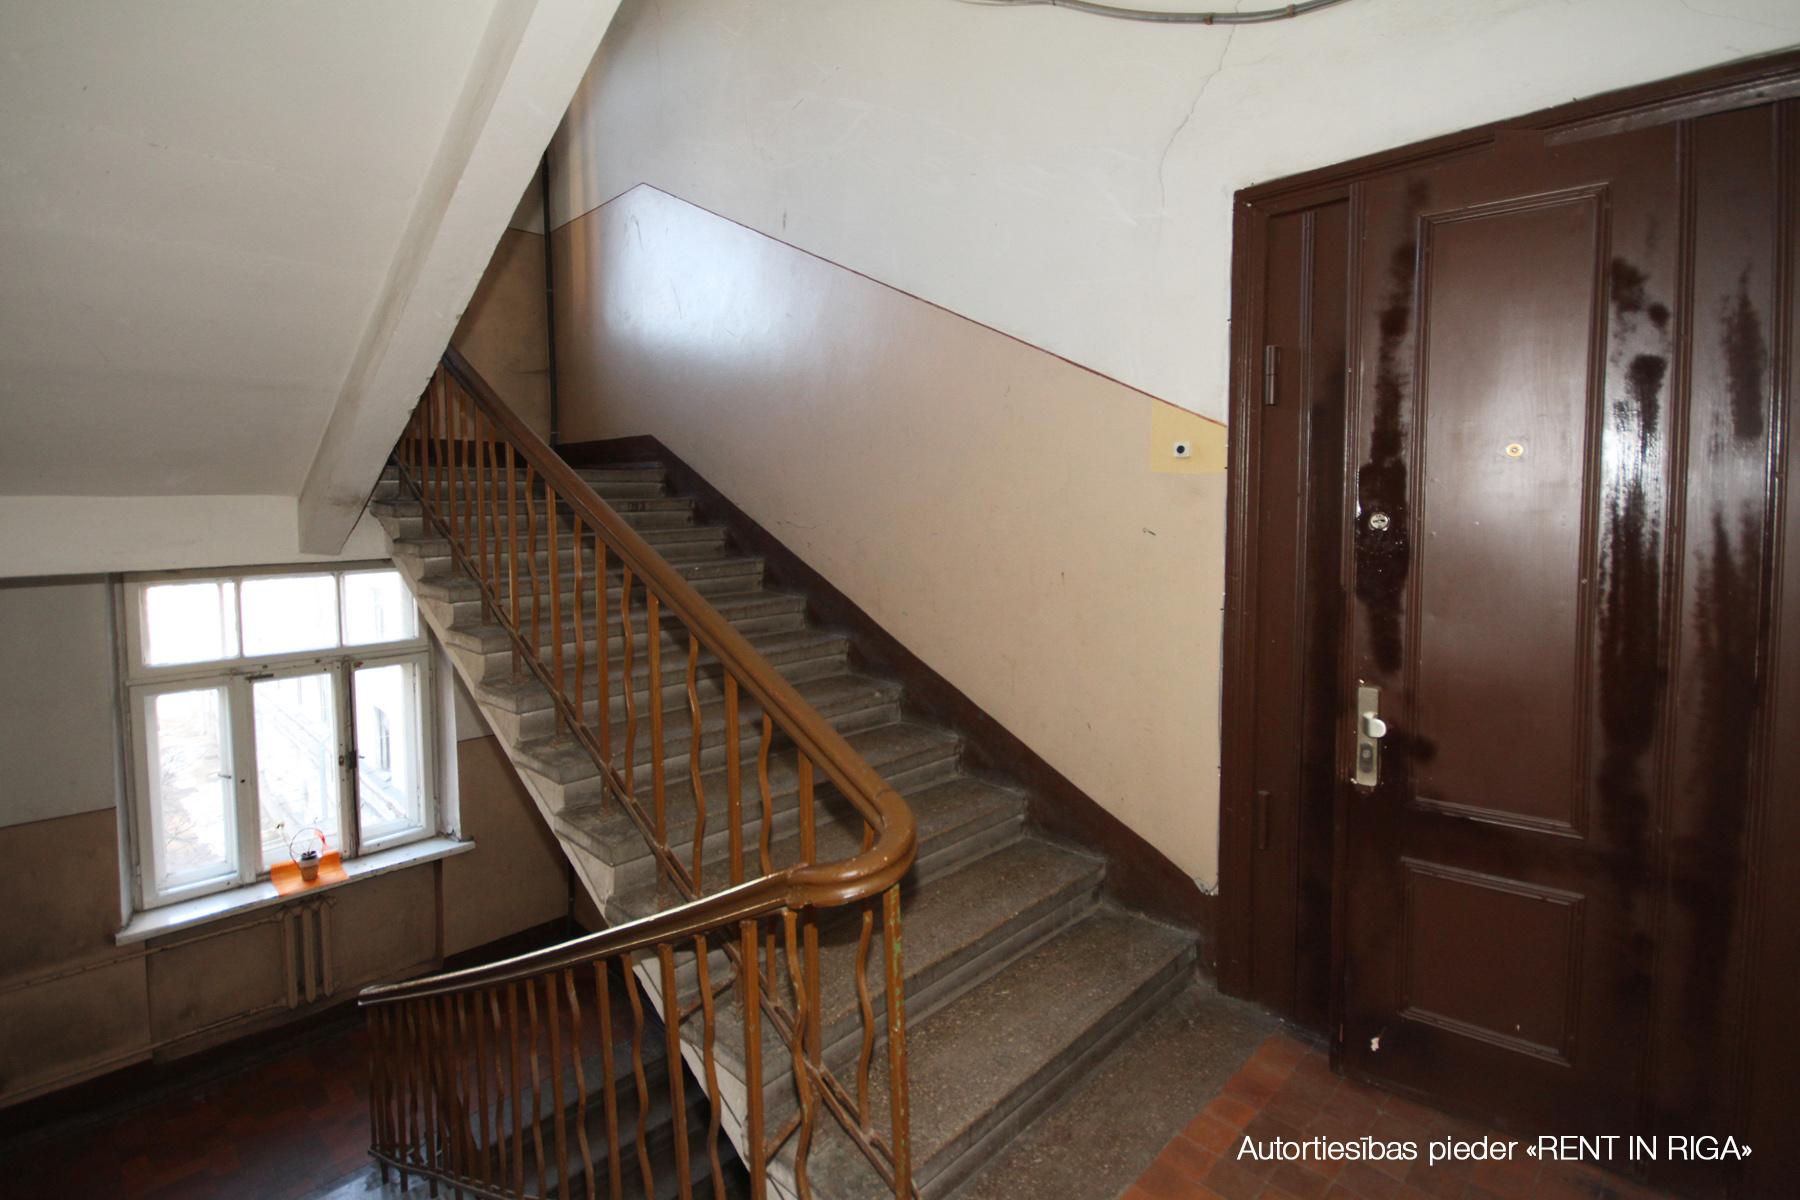 Pārdod dzīvokli, Puškina iela 19 - Attēls 1